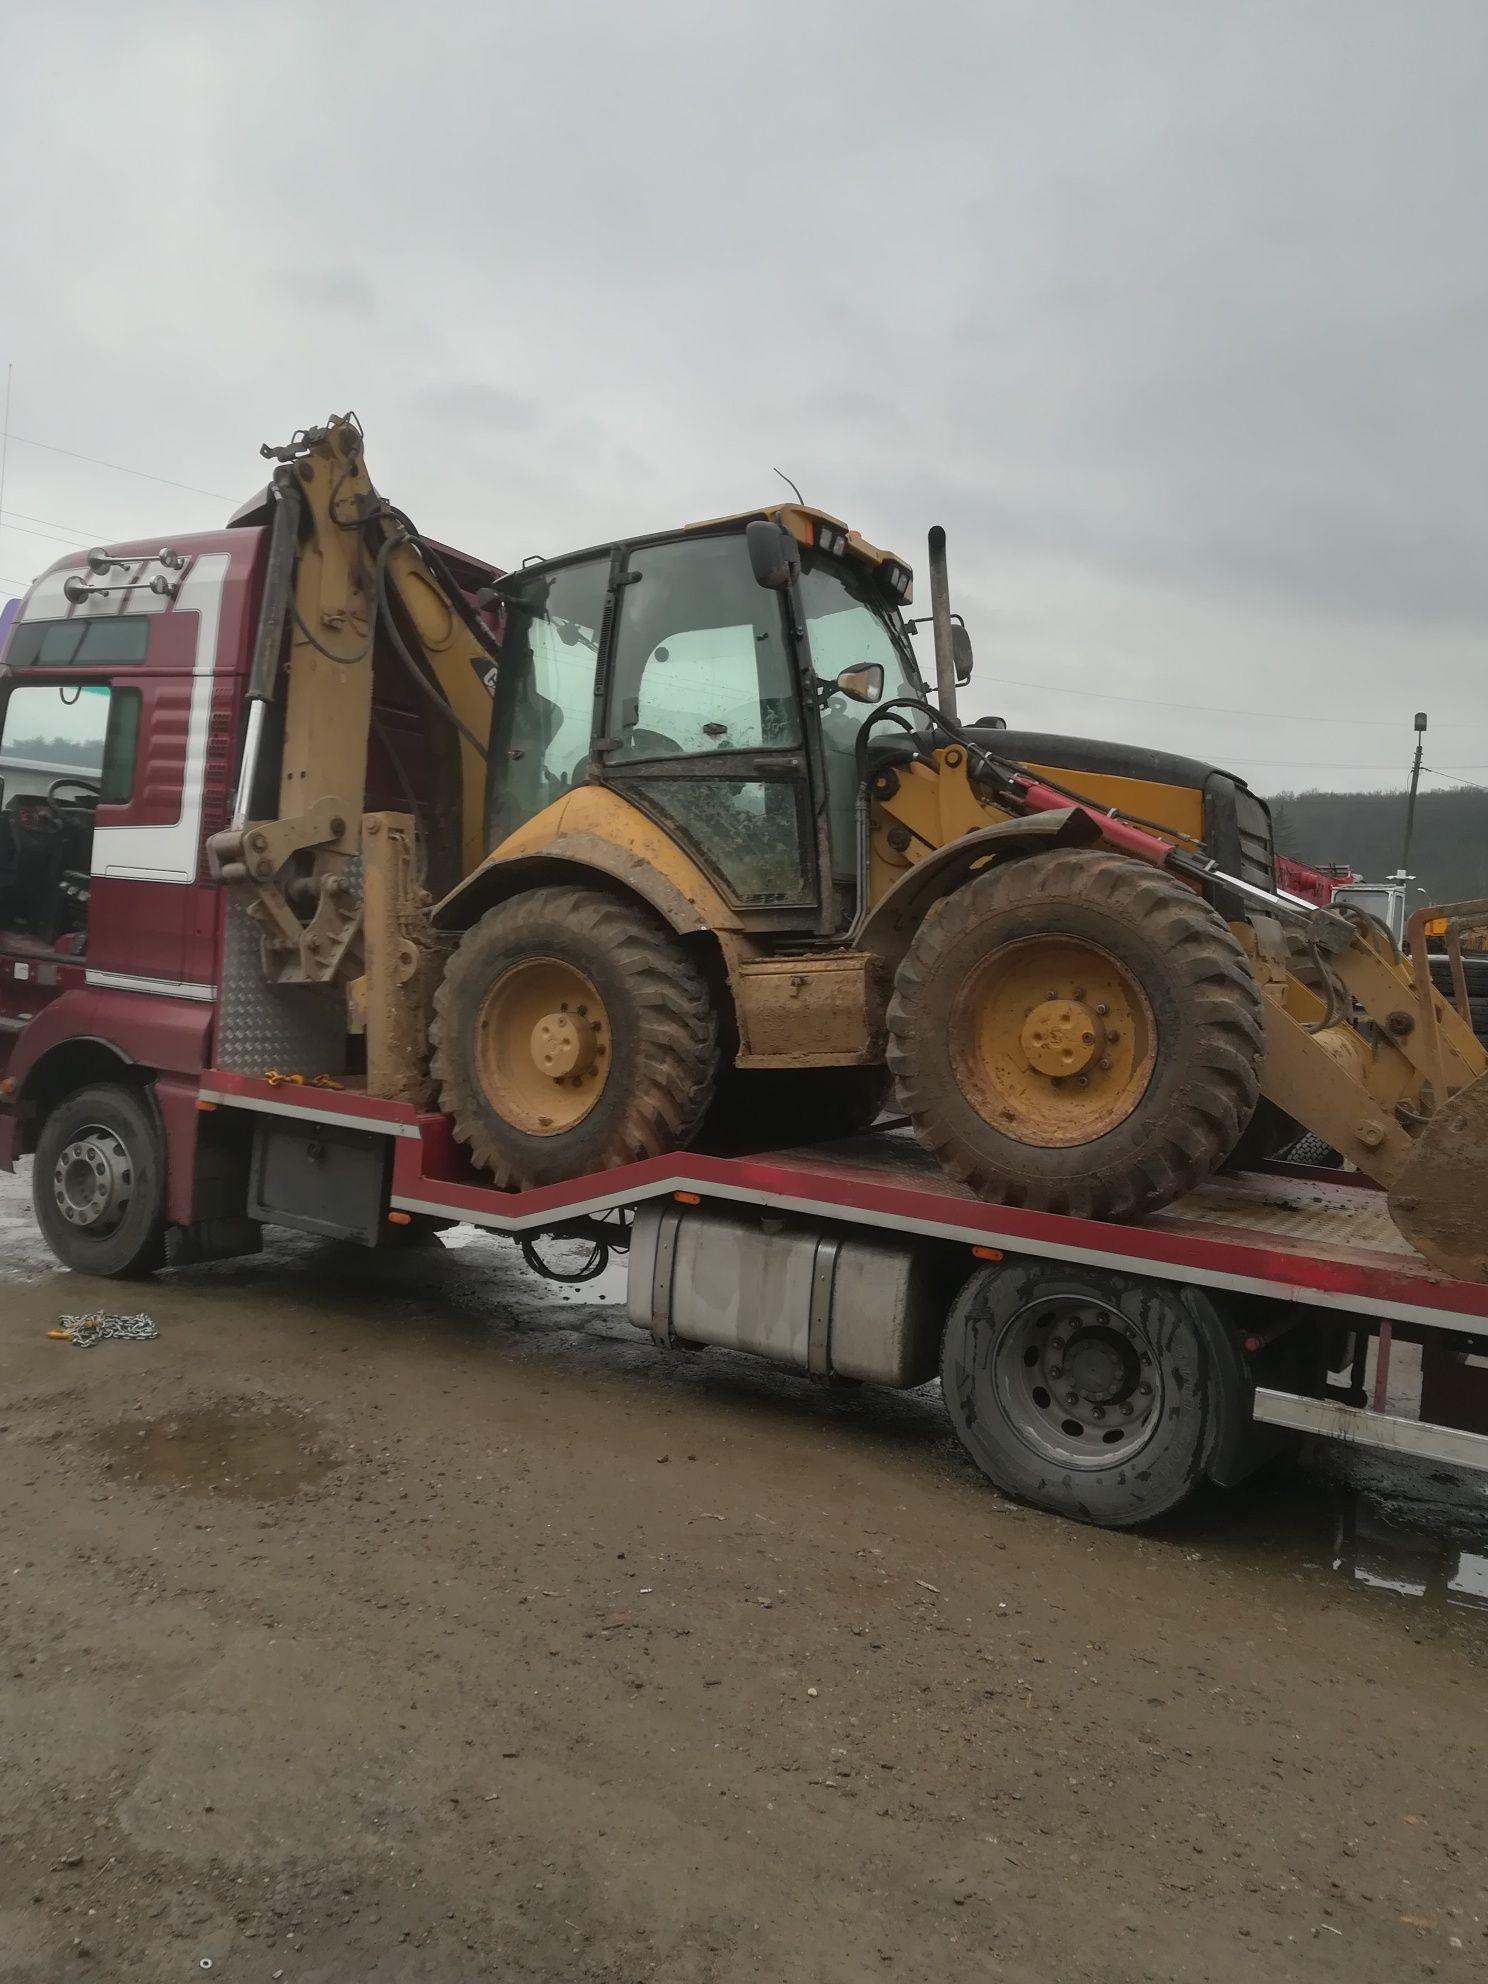 Transport utilaje, buldo, tractoare, taf, cap tractor, etc.